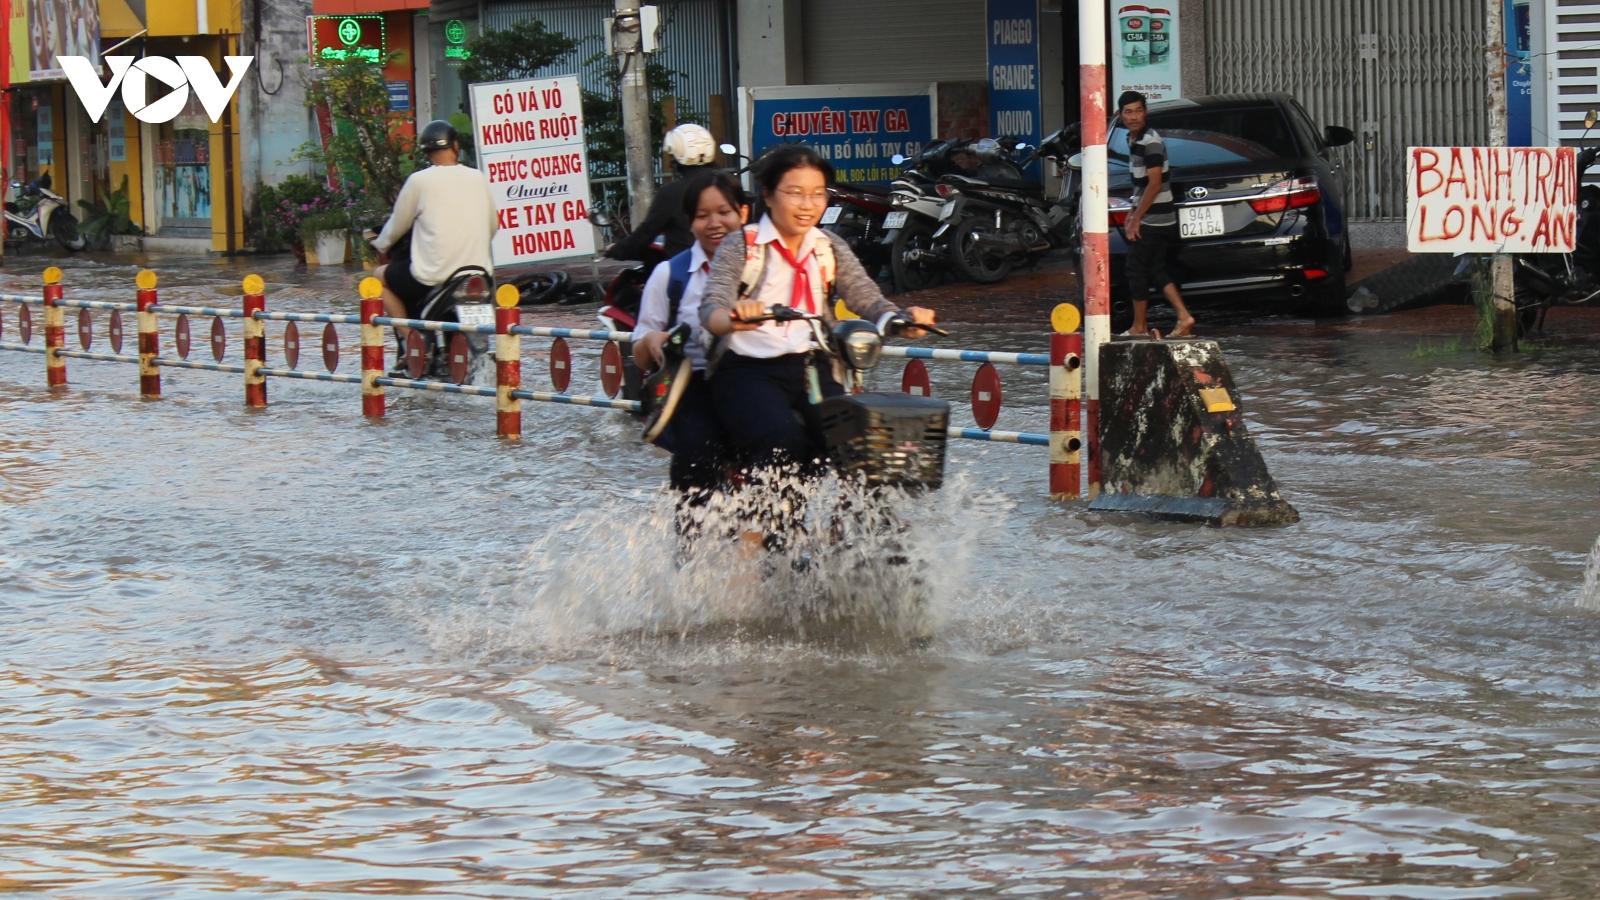 Triều cường dâng cao tại Cần Thơ, nhiều tuyến đường ngập sâu